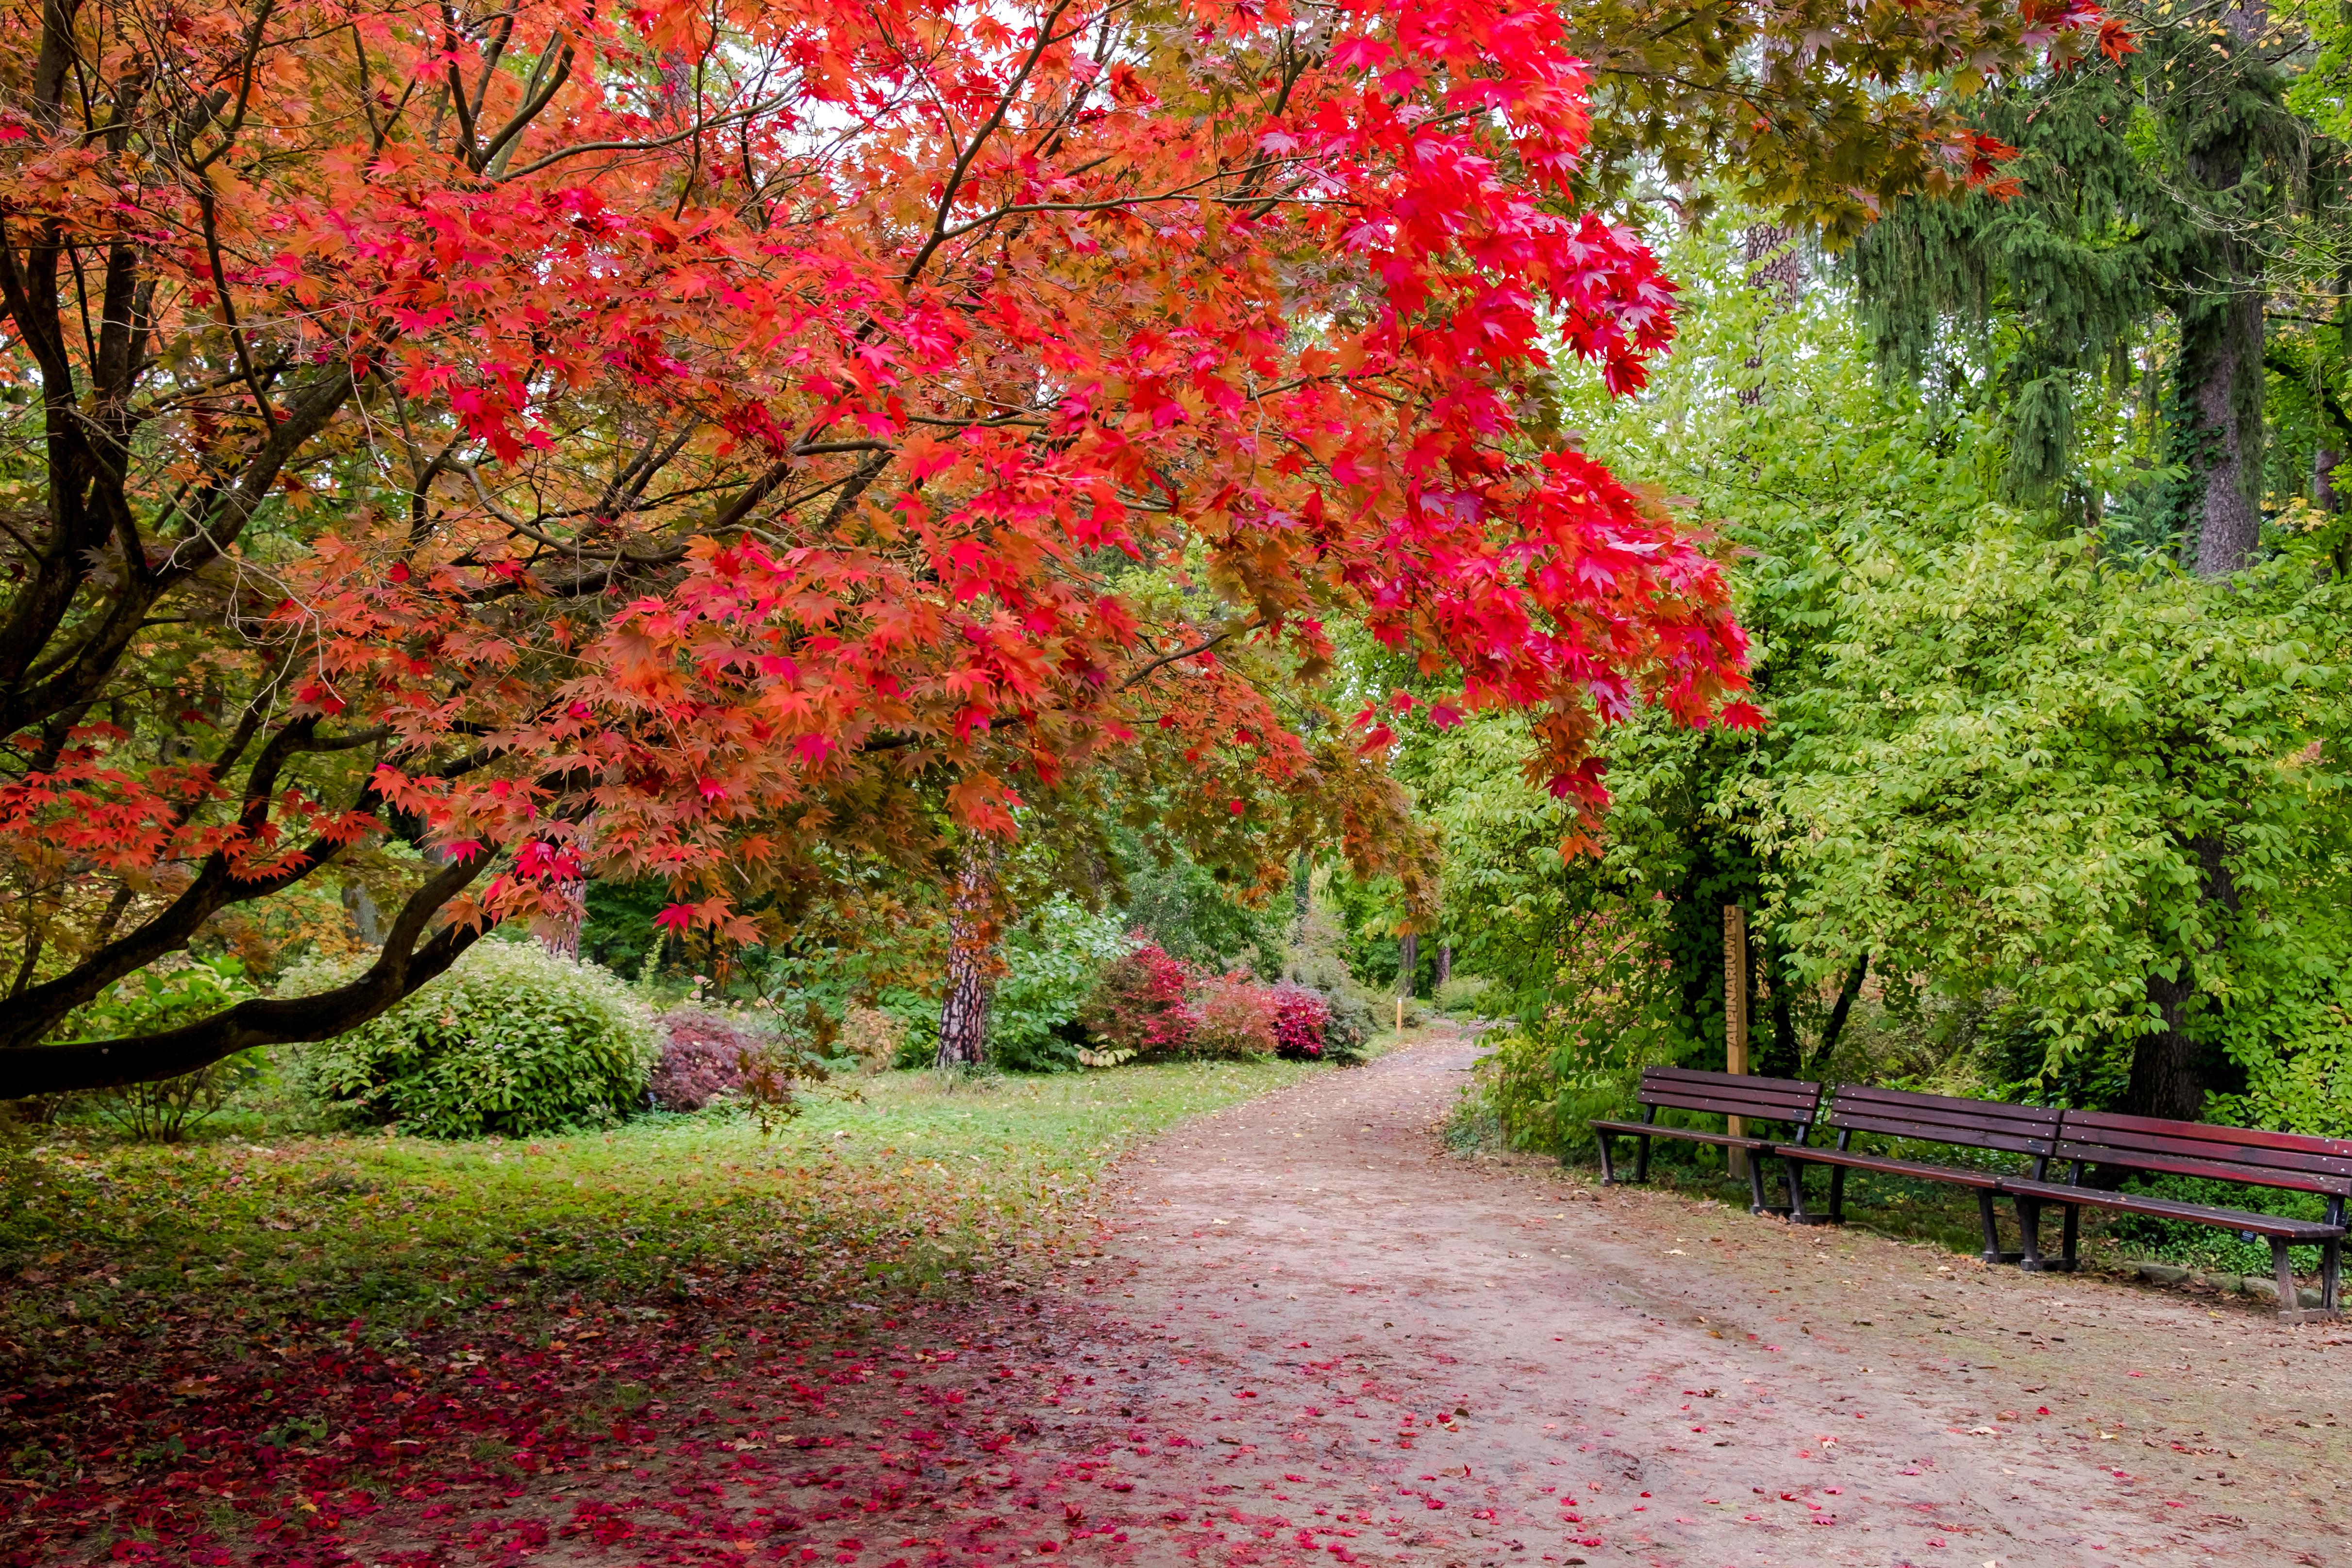 arboretum zdjecia -2